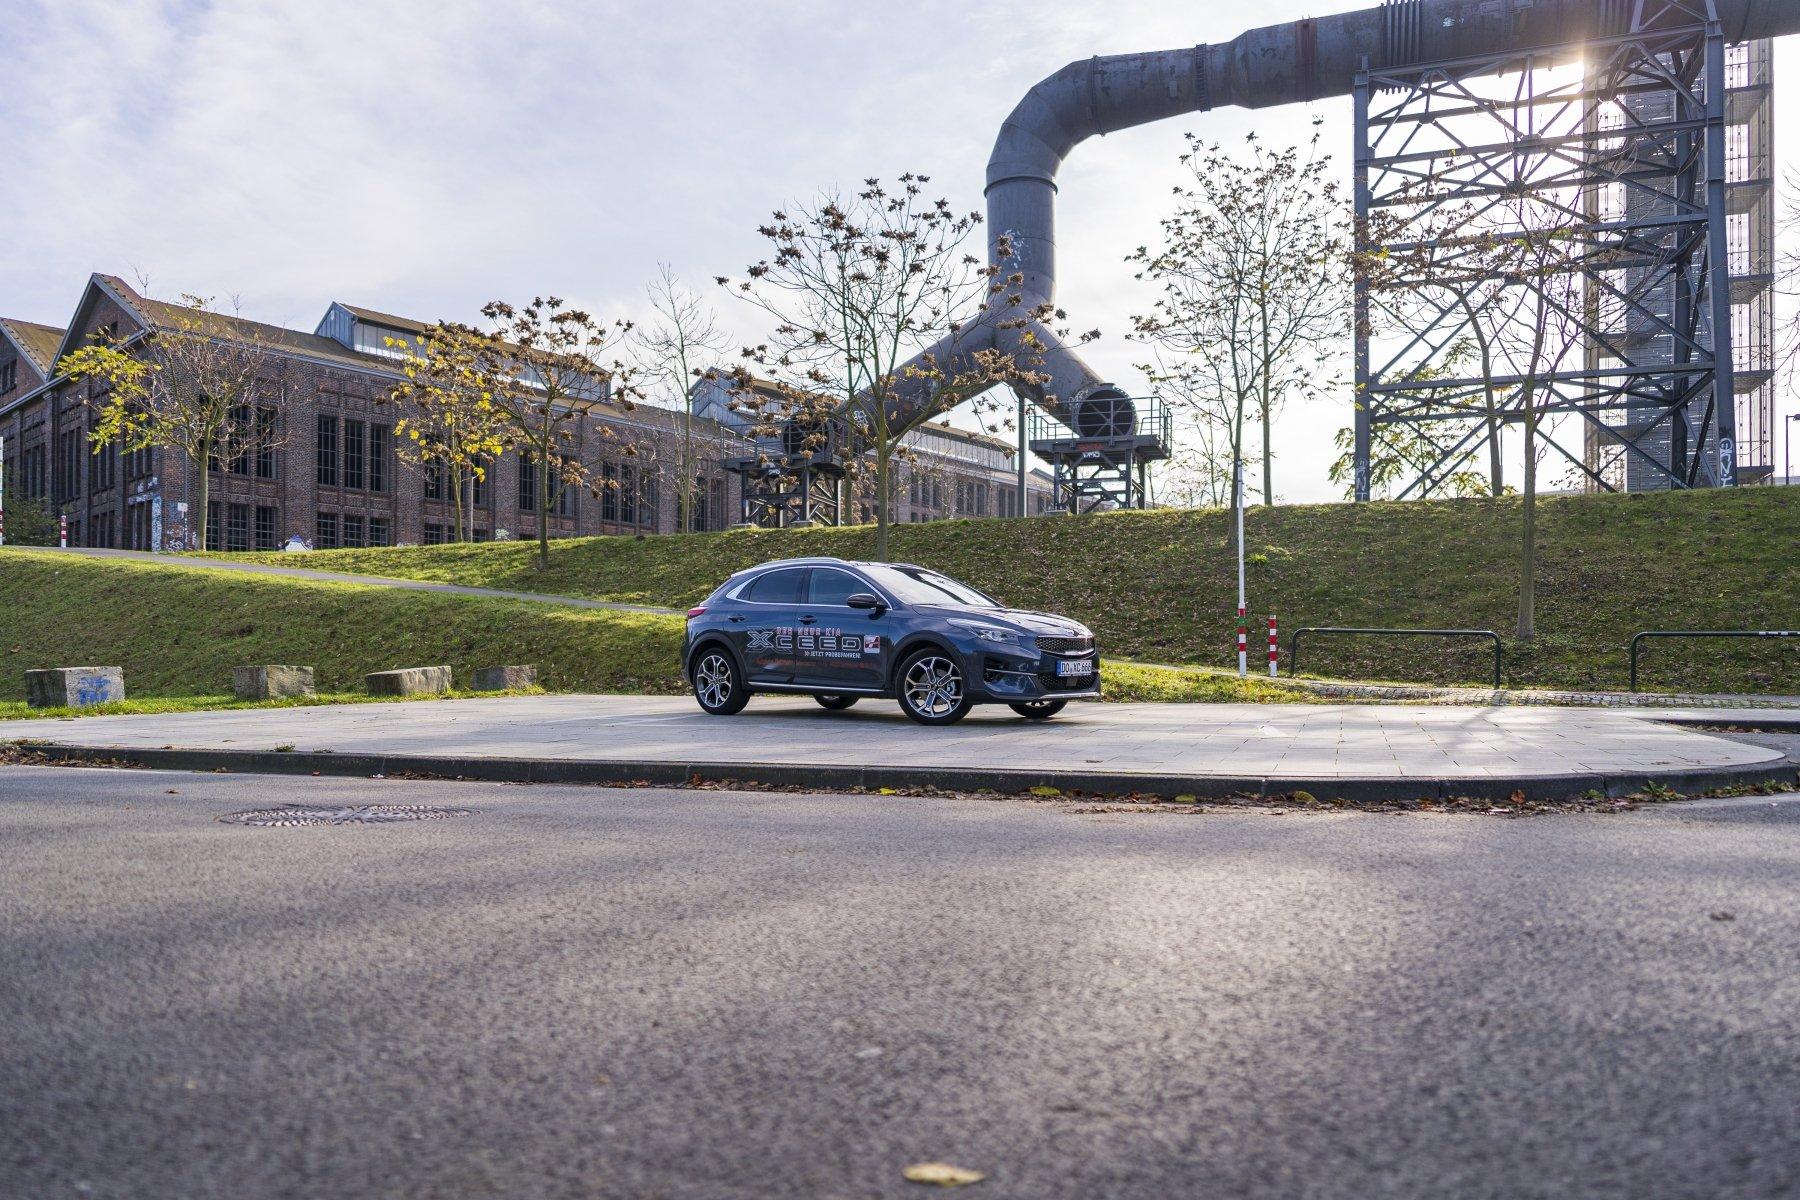 Kia XCeed: sportliche SUV-Alternative mit völlig eigenständigem, in Deutschland entwickeltem Design. (Fotos: IN-StadtMagazine)